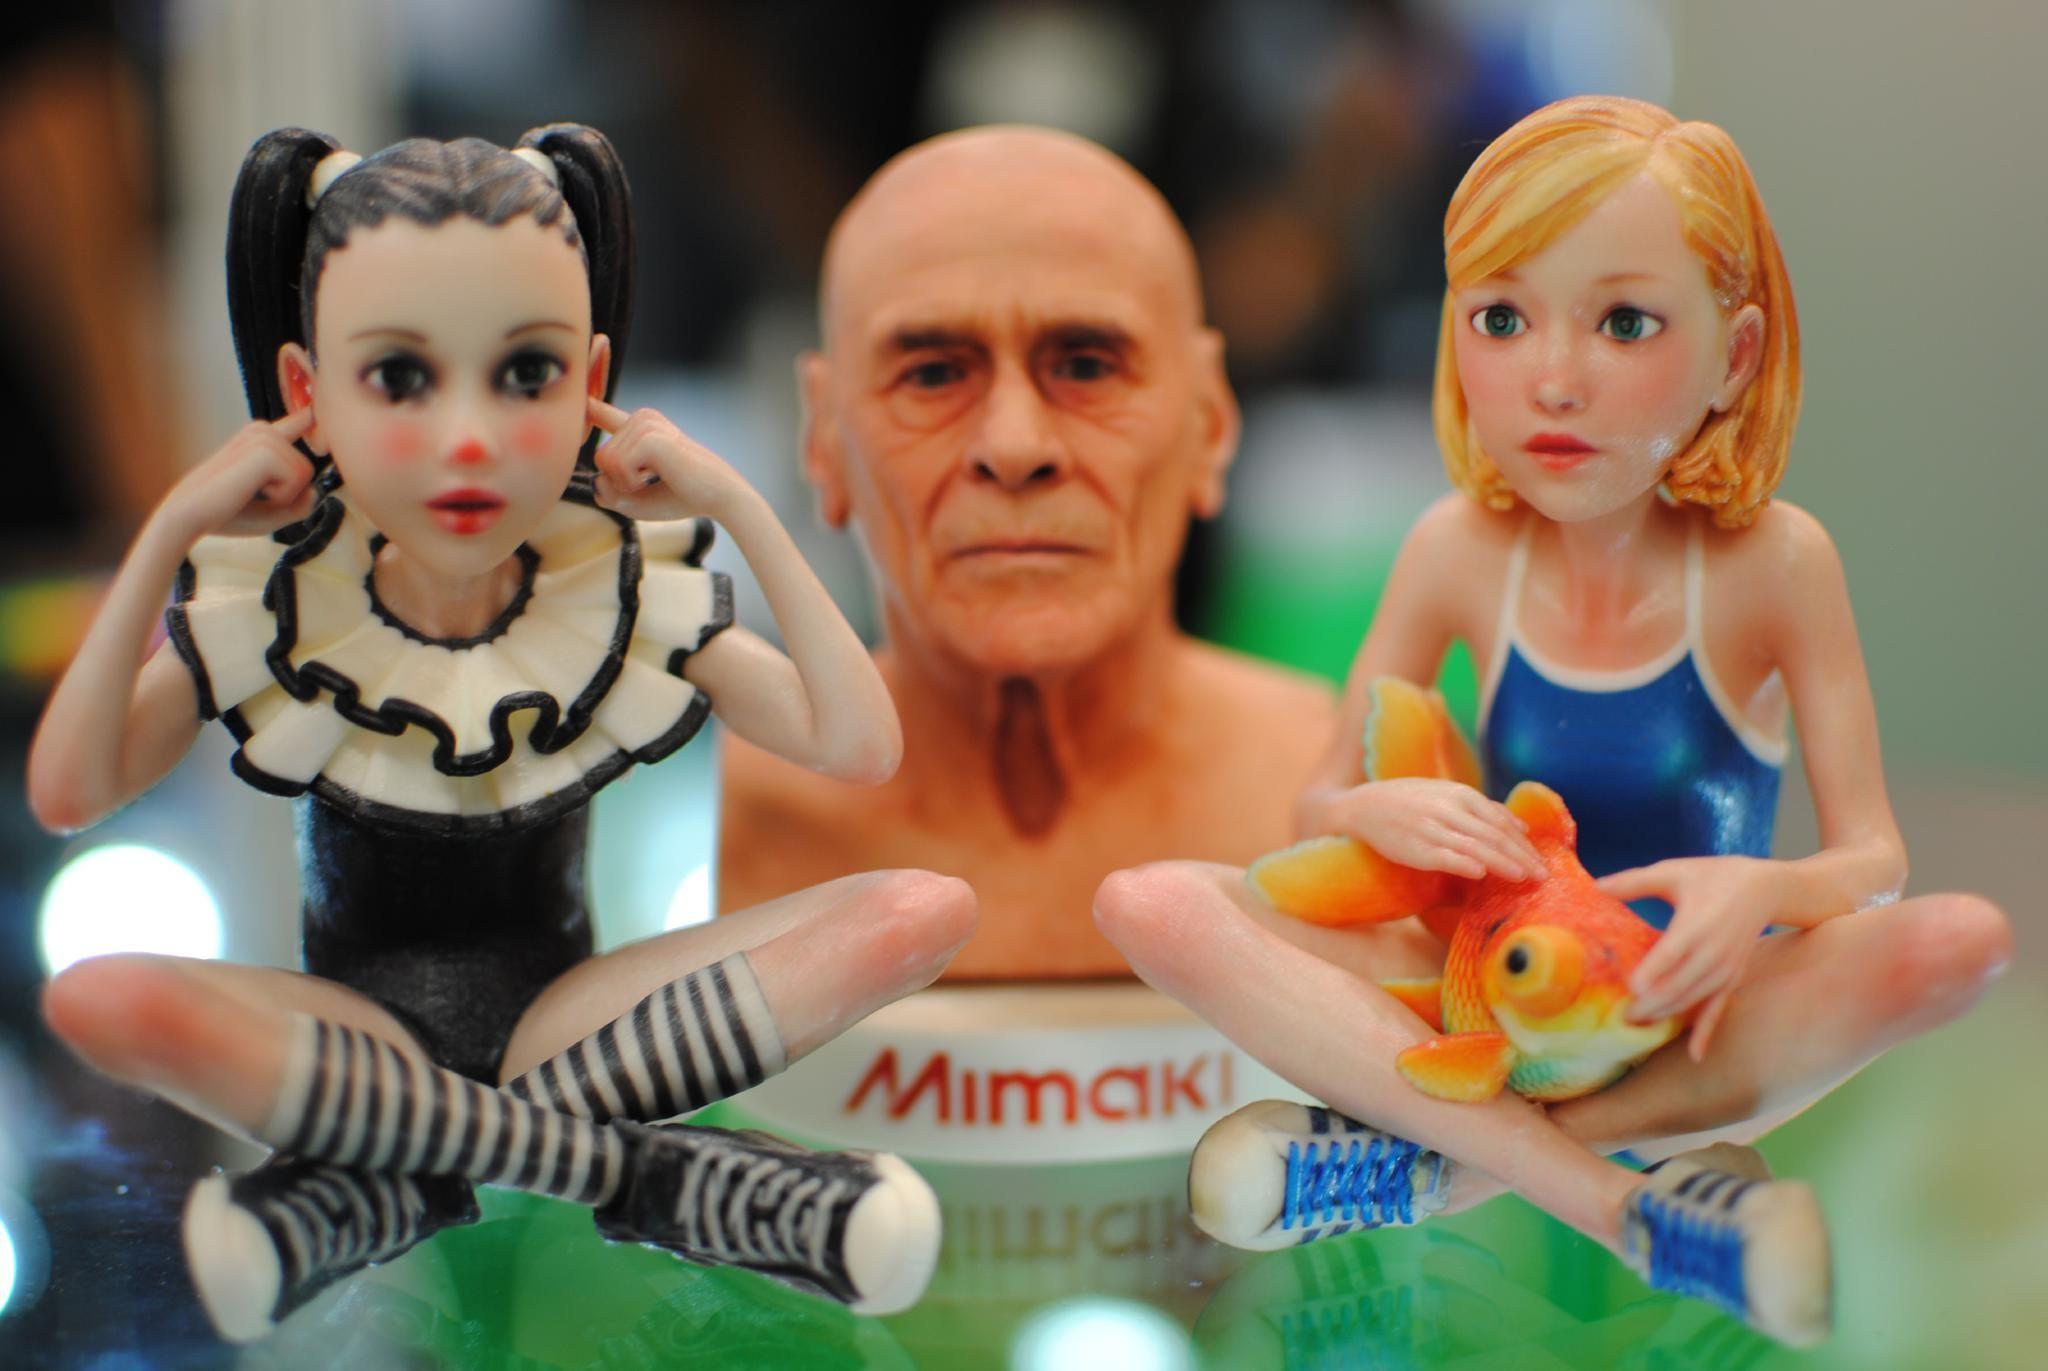 Mimaki Models